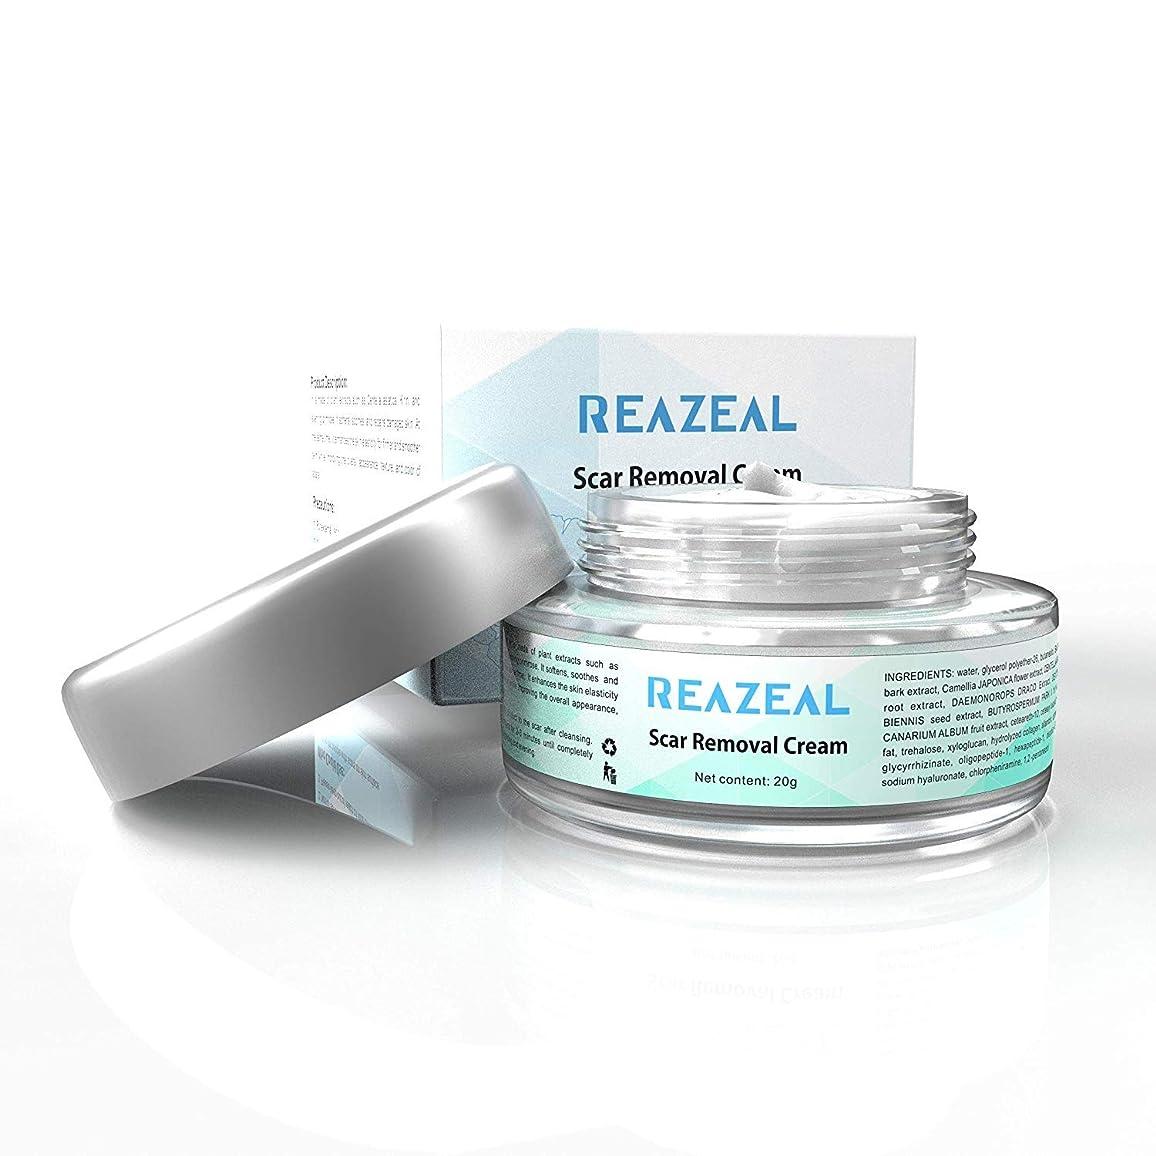 七面鳥傷つける光景Scar Cream Acne Scar Removal Cream for Old & New Scars on Face & Body Scar Treatment for Cuts Natural Herbal Extracts Formula Burns Repair,Face Skin Repair Cream 【並行輸入品】